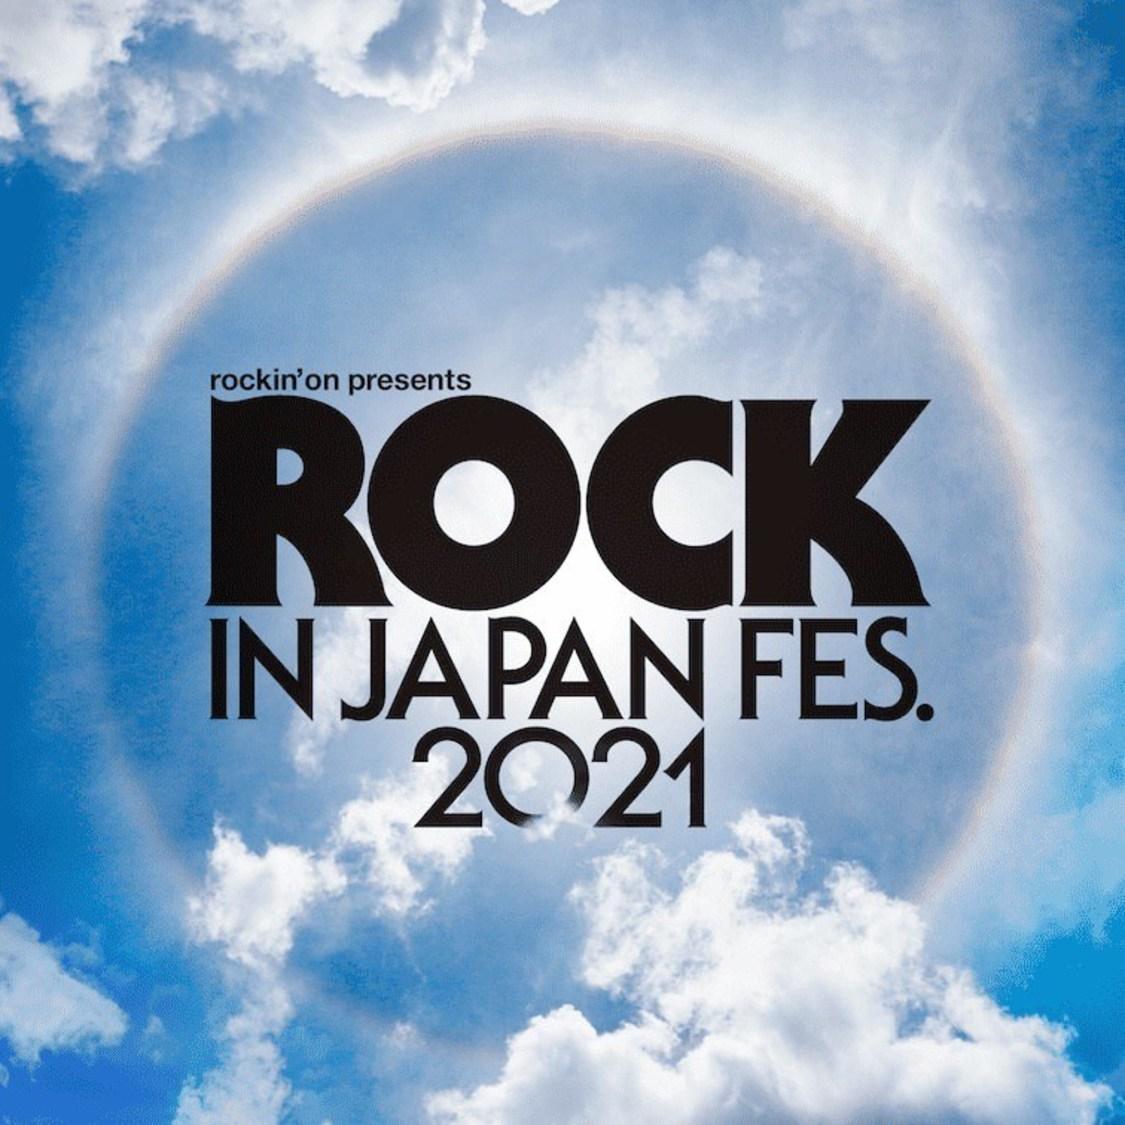 ももクロ、櫻坂46、BiSH、<ROCK IN JAPAN FESTIVAL 2021>出演決定!